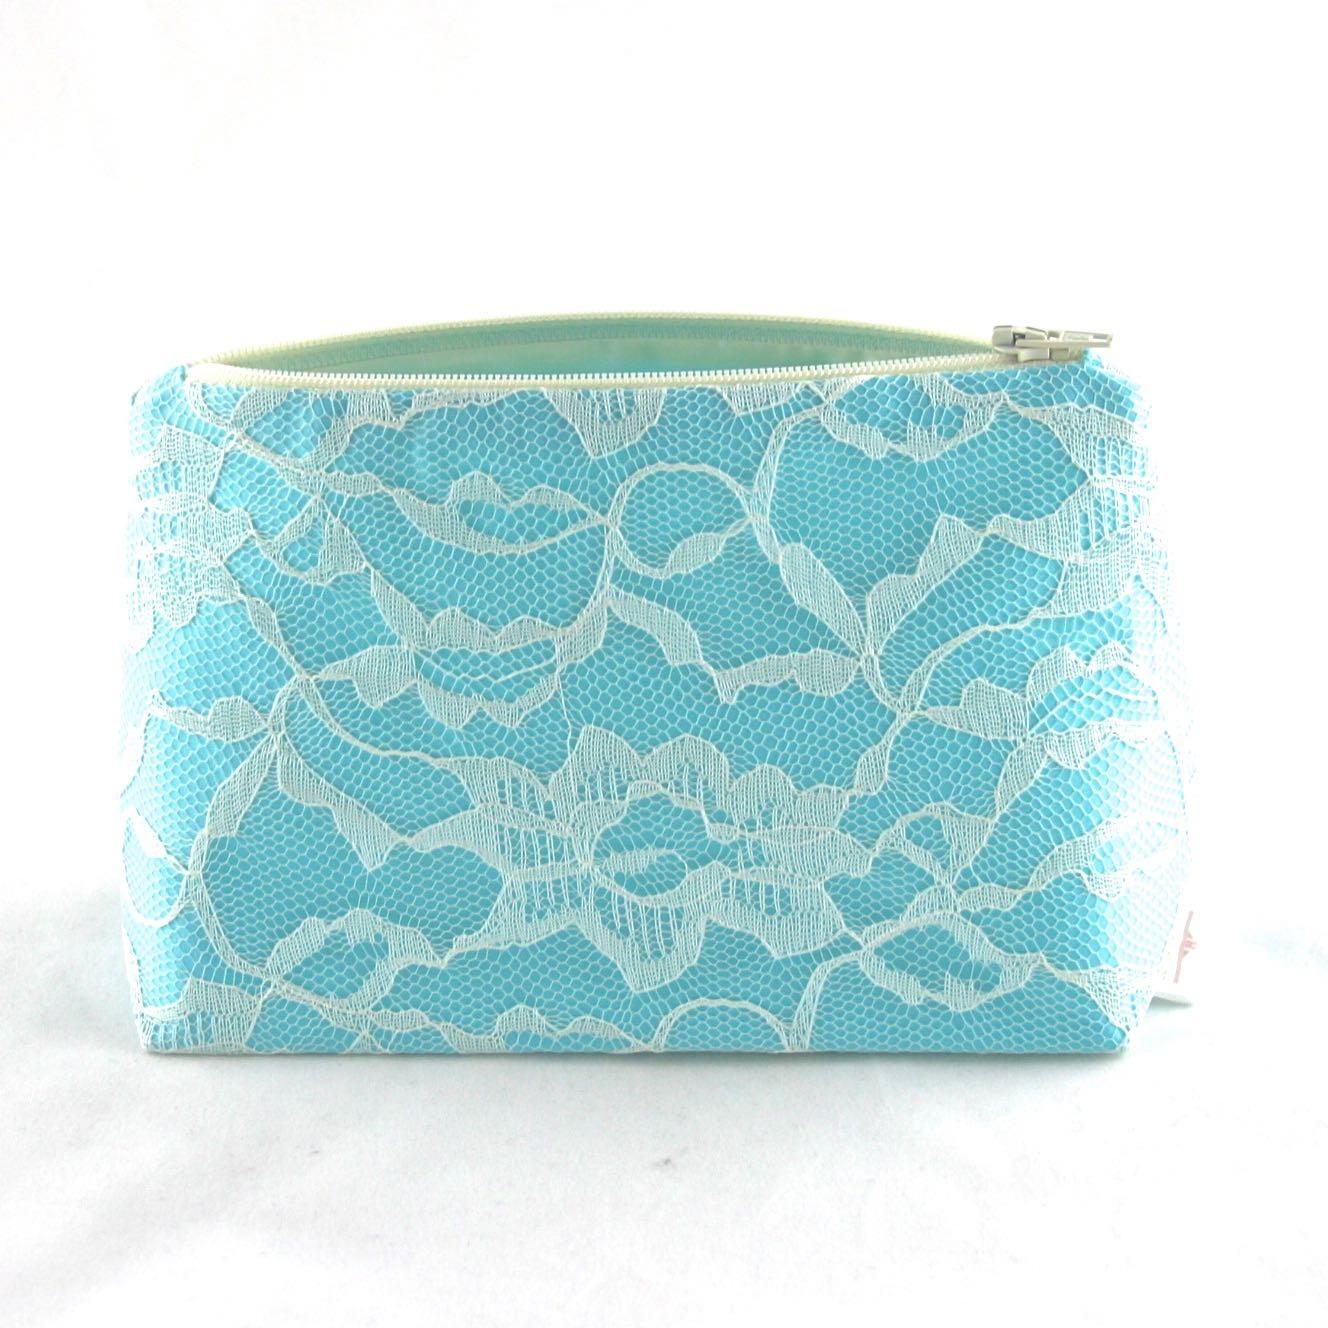 Aqua & Ivory Lace Bridal Cosmetic Bag by Le Pique Nique - 03.jpg